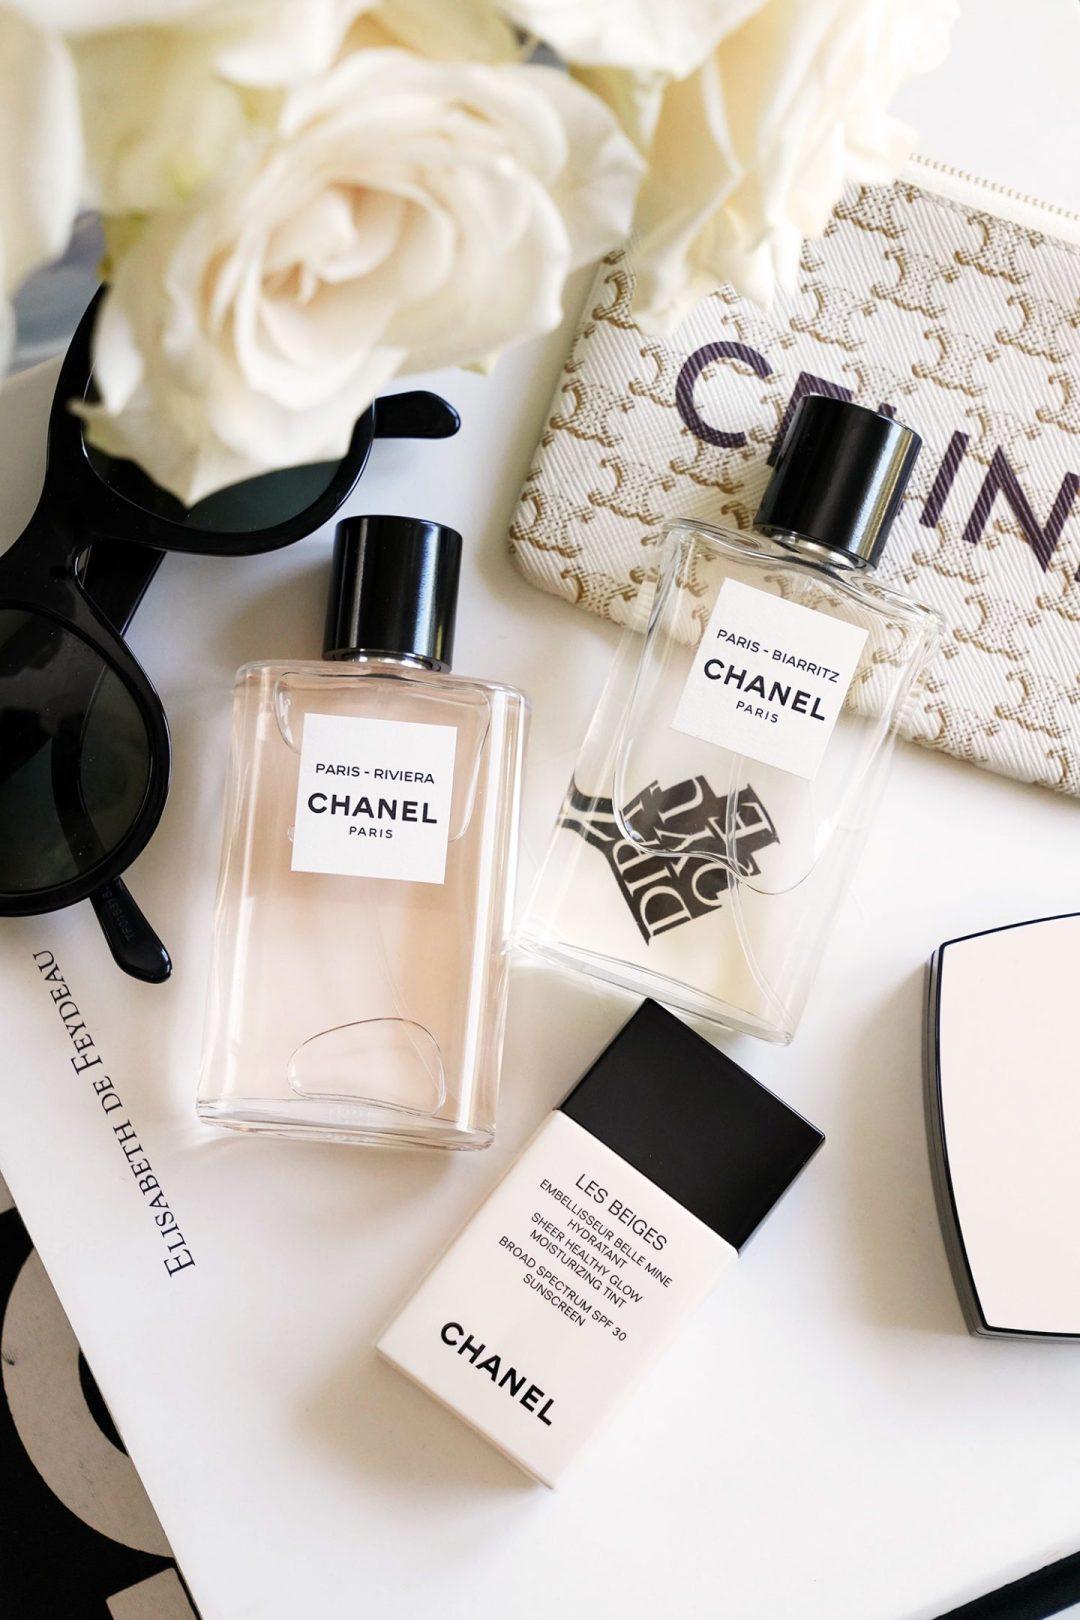 Chanel Les Eaux de Chanel Paris-Riviera Paris-Biarritz